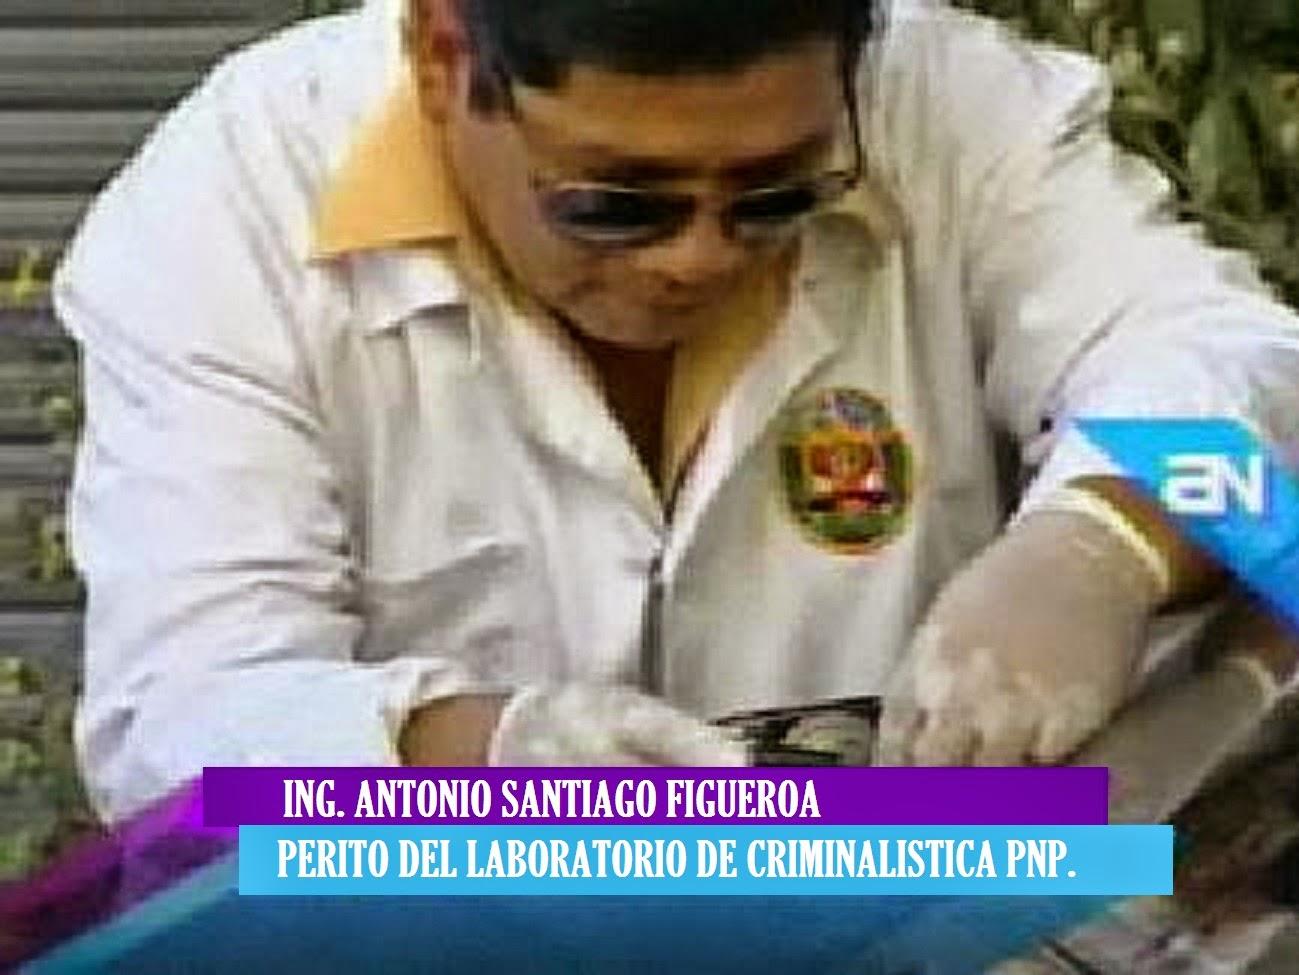 PERITO A. SANTIAGO FIGUEROA